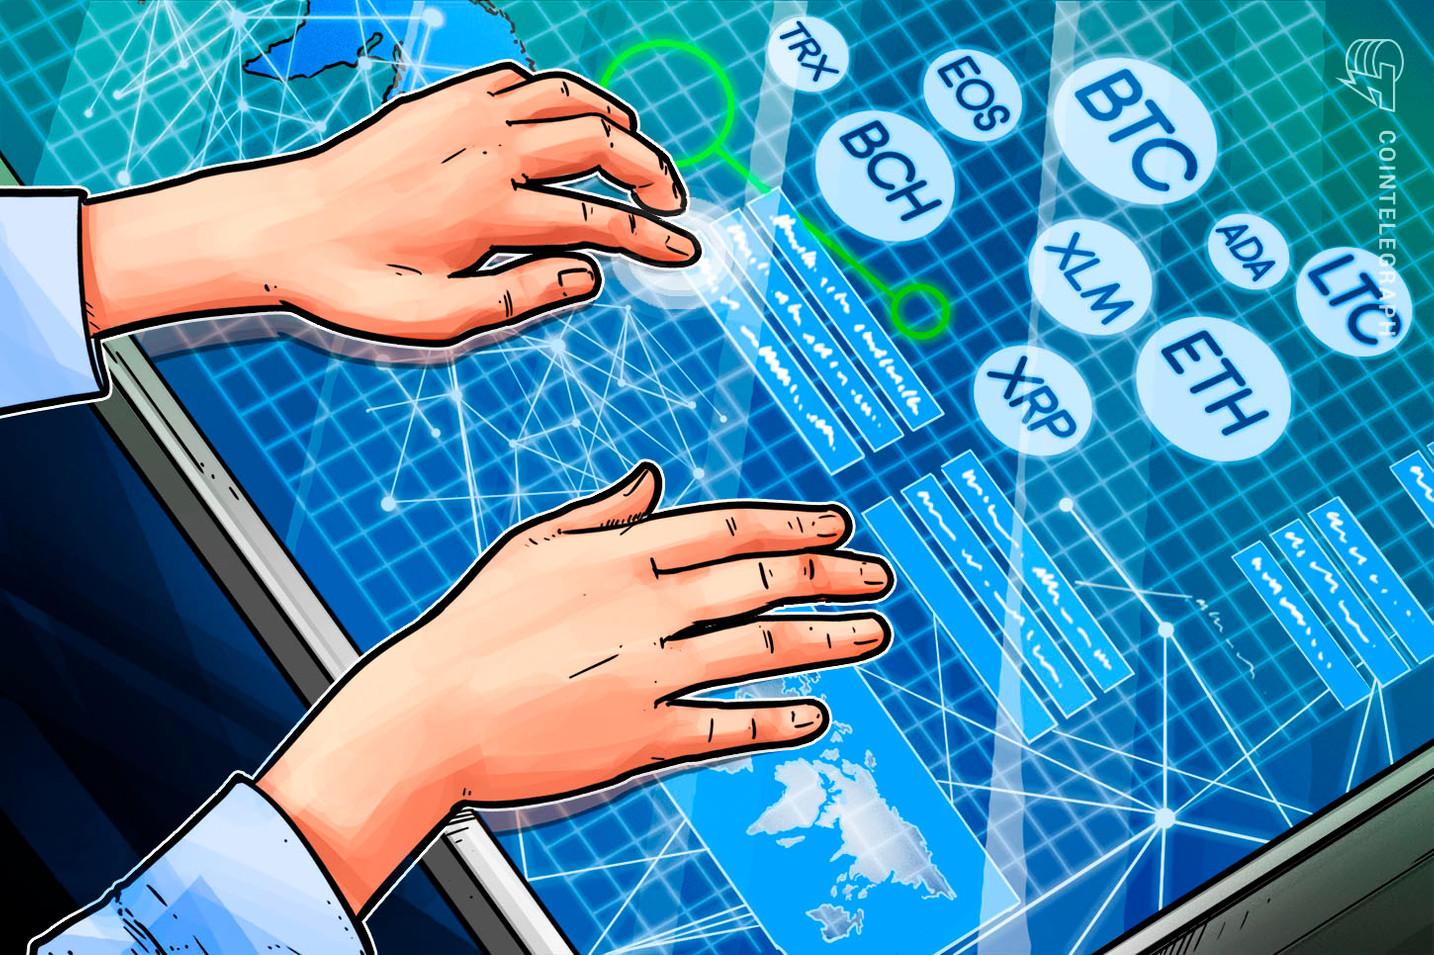 4月30日 仮想通貨チャート分析:ビットコイン イーサ ビットコインキャッシュ リップル ステラ ライトコイン カルダノ トロン EOS